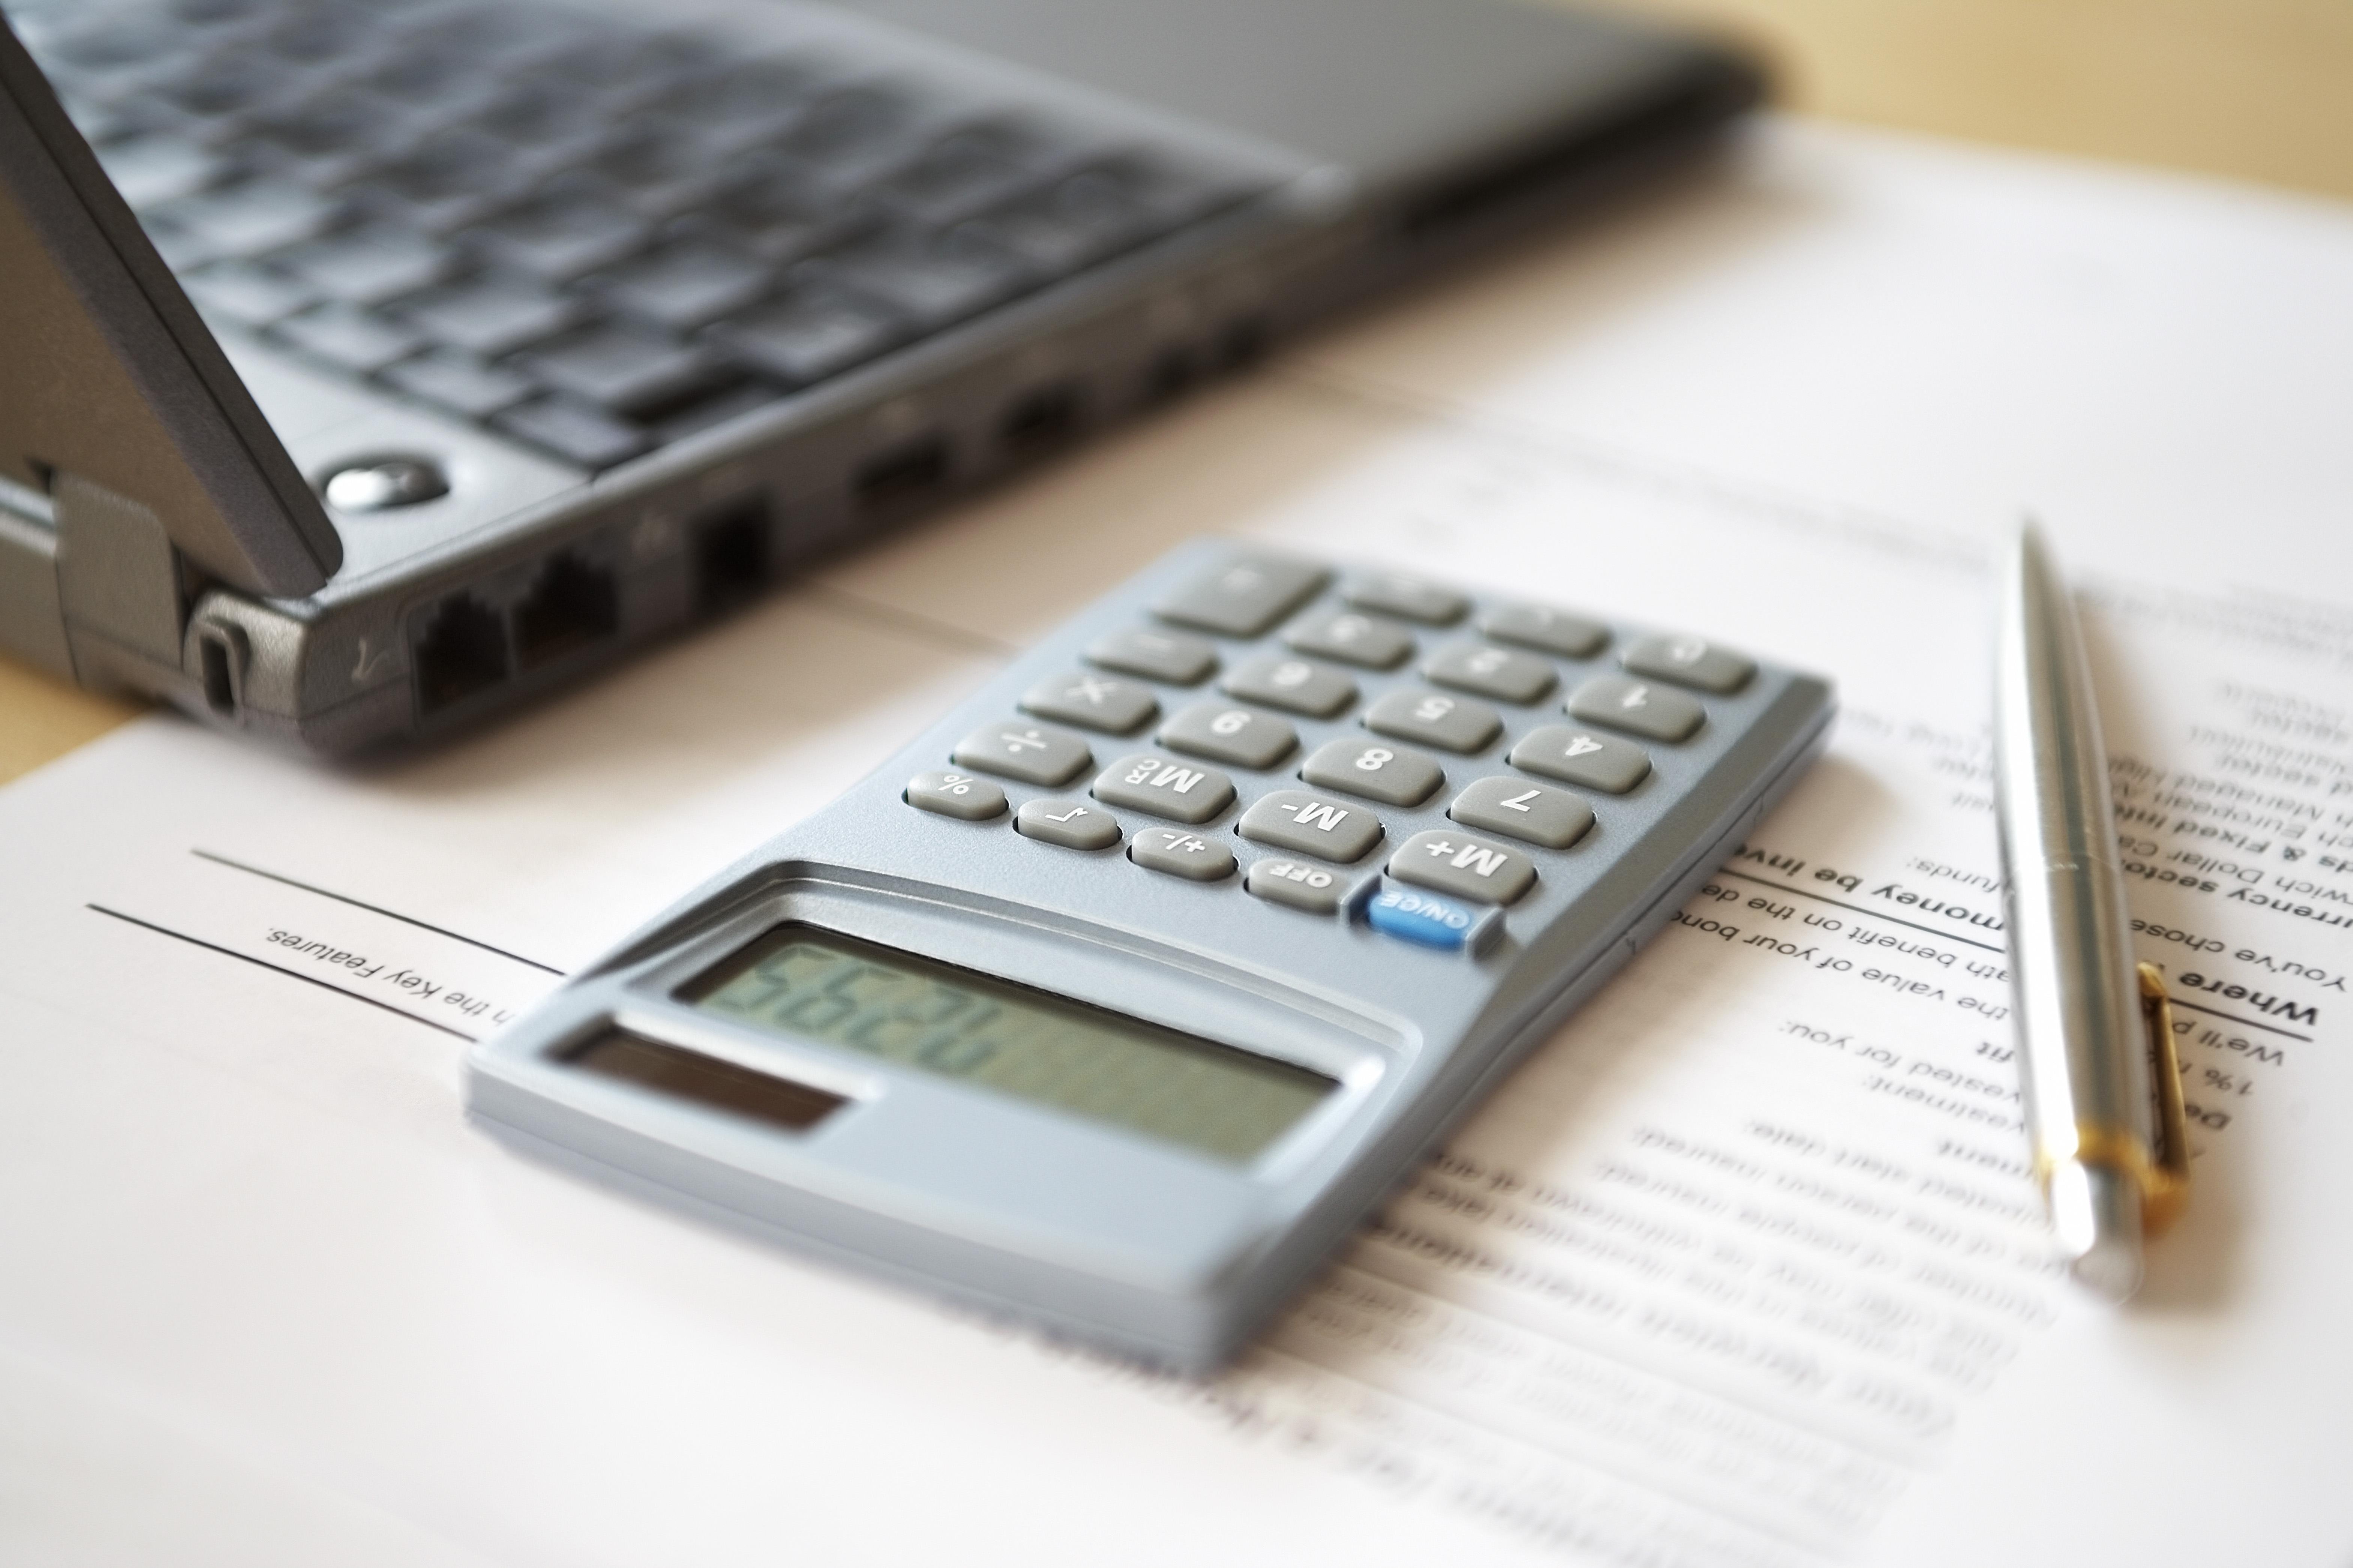 Bild von einem Notebook, einem Taschenrechner und einem Stift.